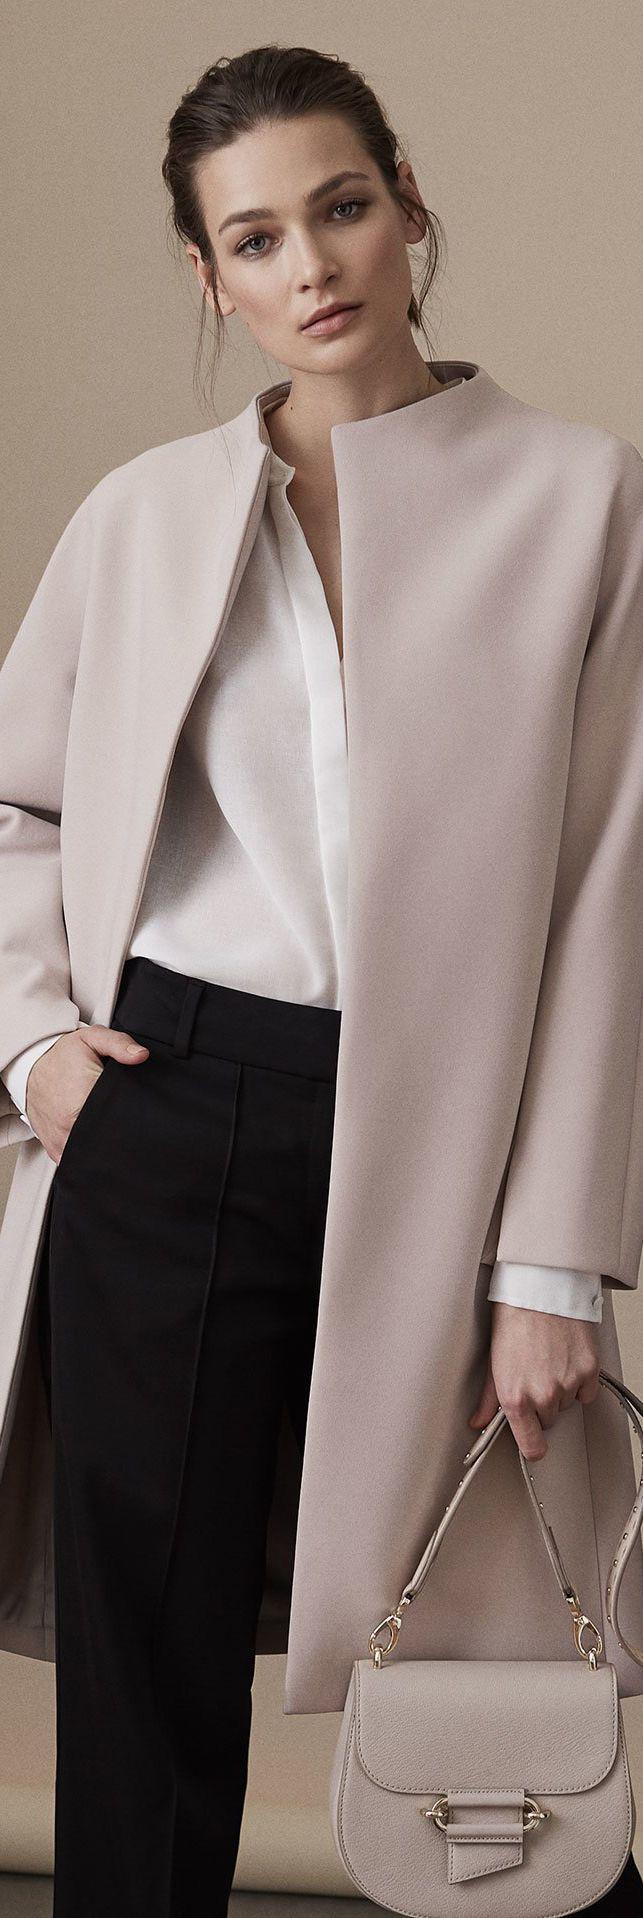 Chiffon Jacket | Women's Office Fashion Ideas 2018